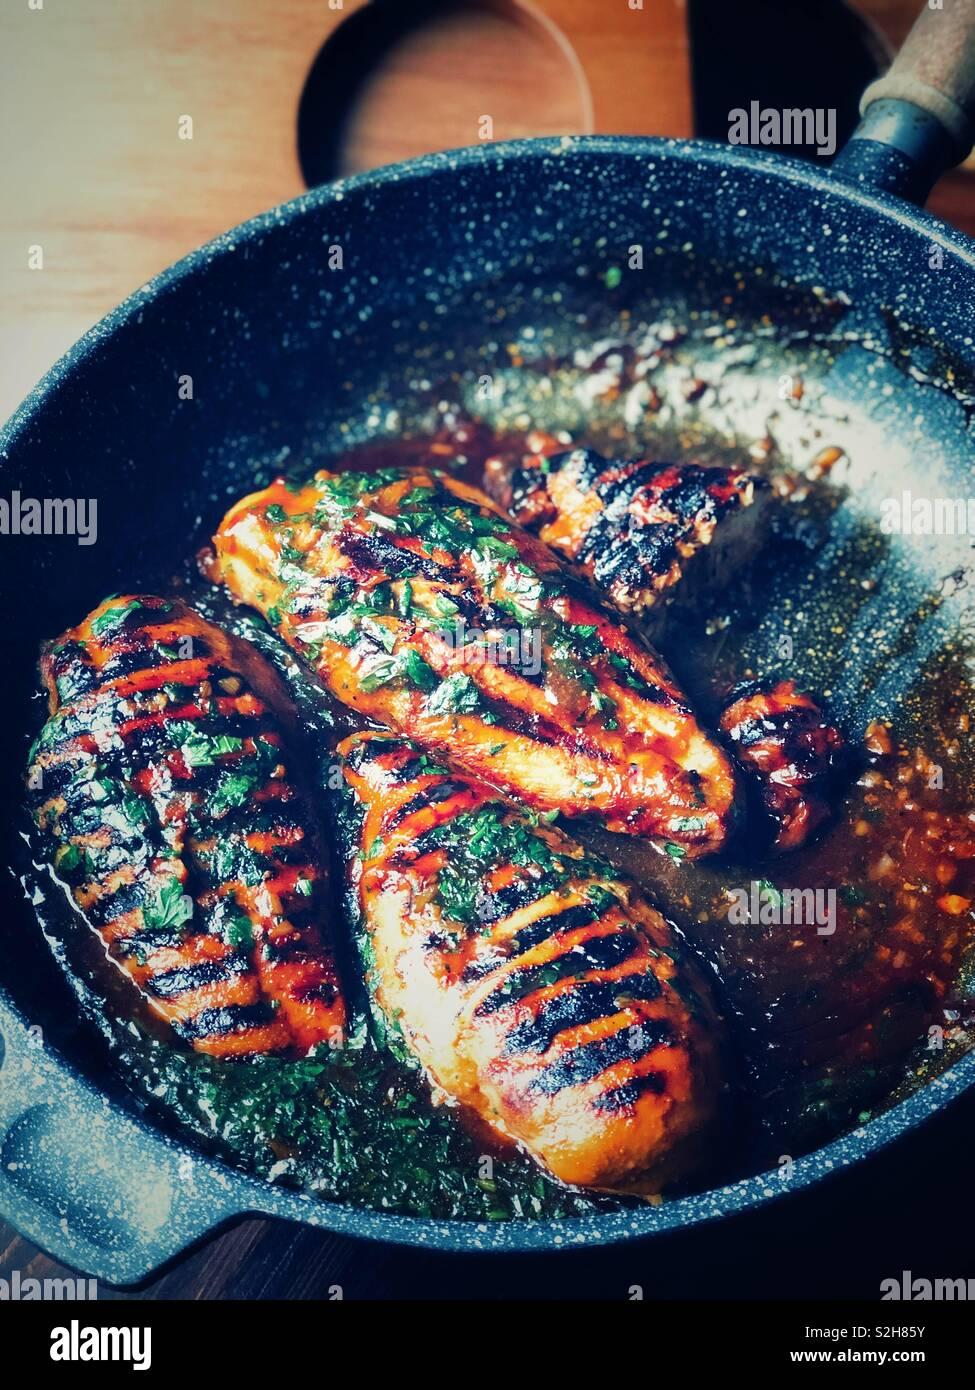 Imágenes de alimentos, alimentos fotografía, opciones de alimentos, colorantes alimenticios Foto de stock